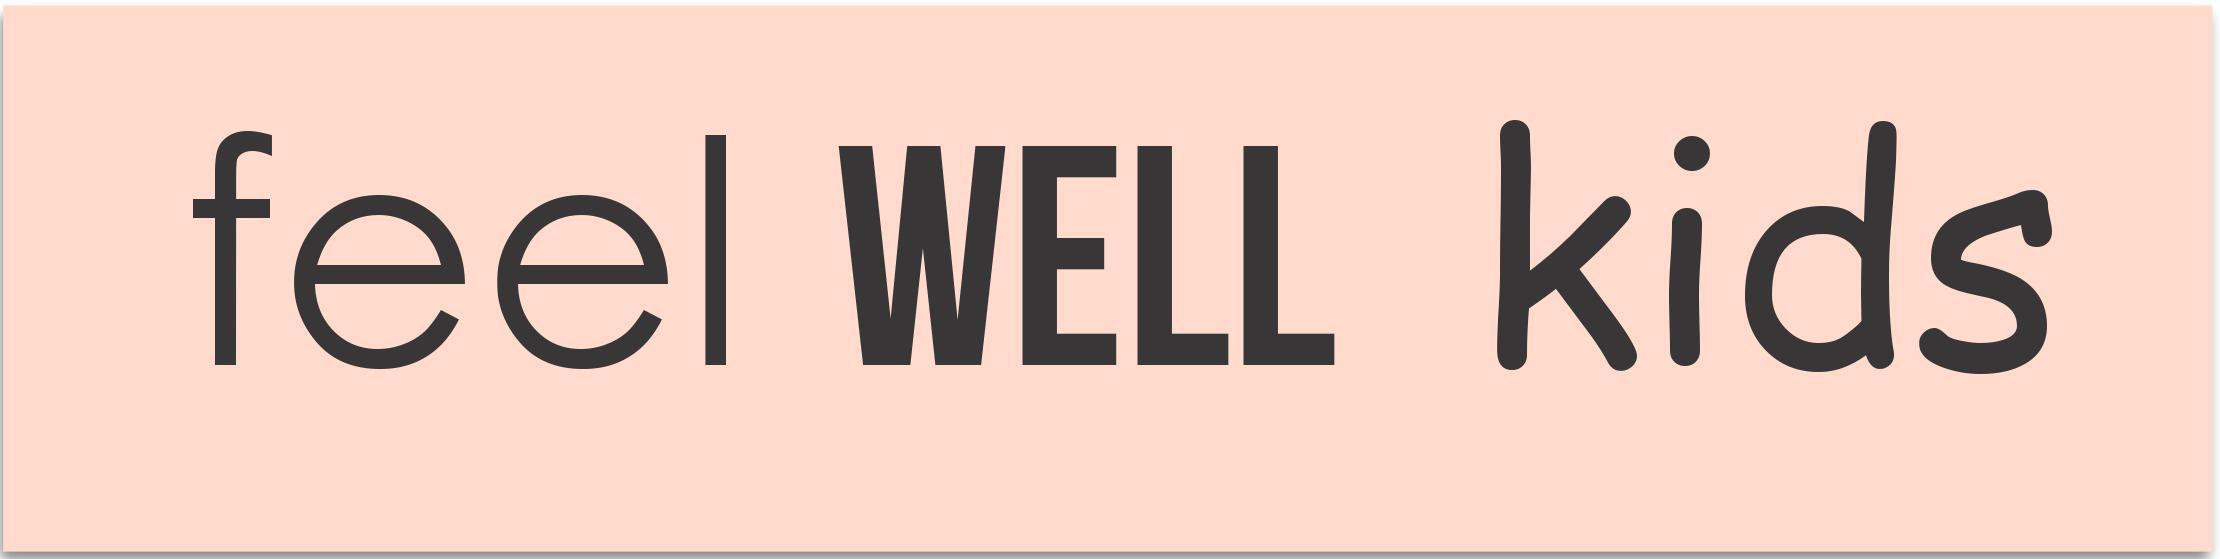 Feel Well Kids Banner.jpg